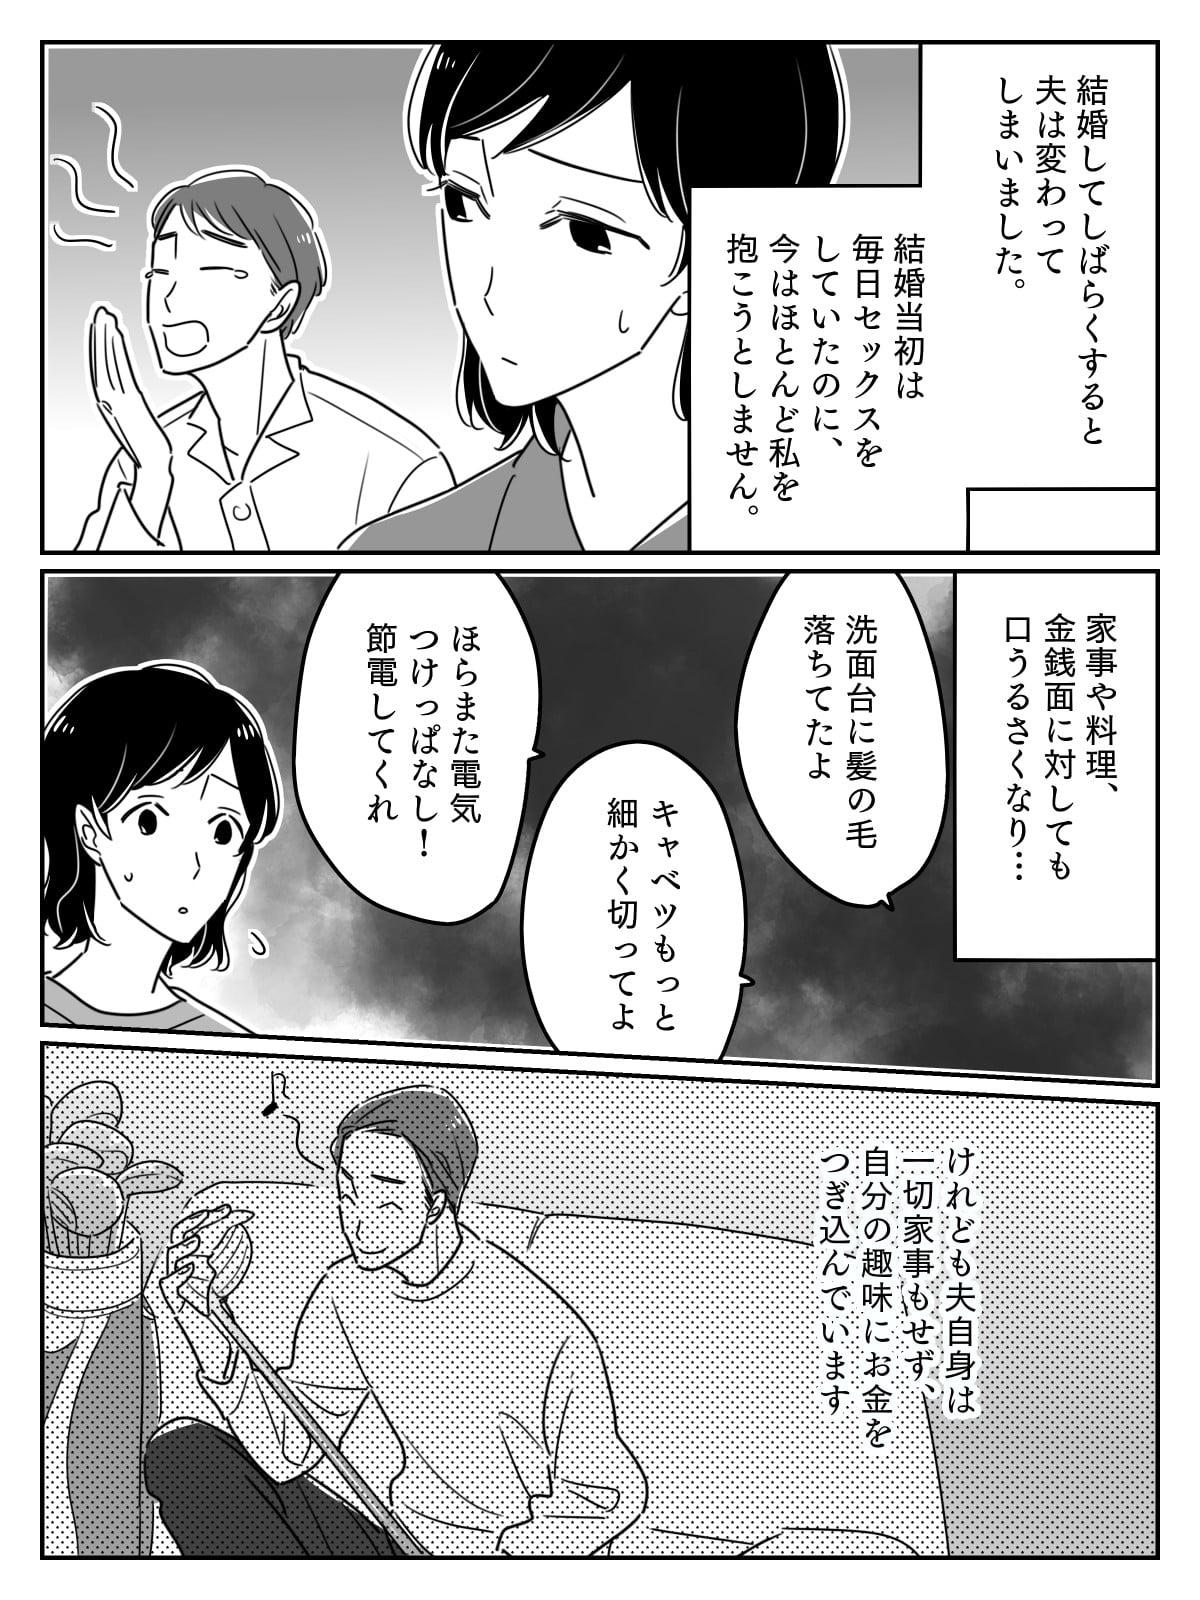 【前編】不倫からはじまった恋!